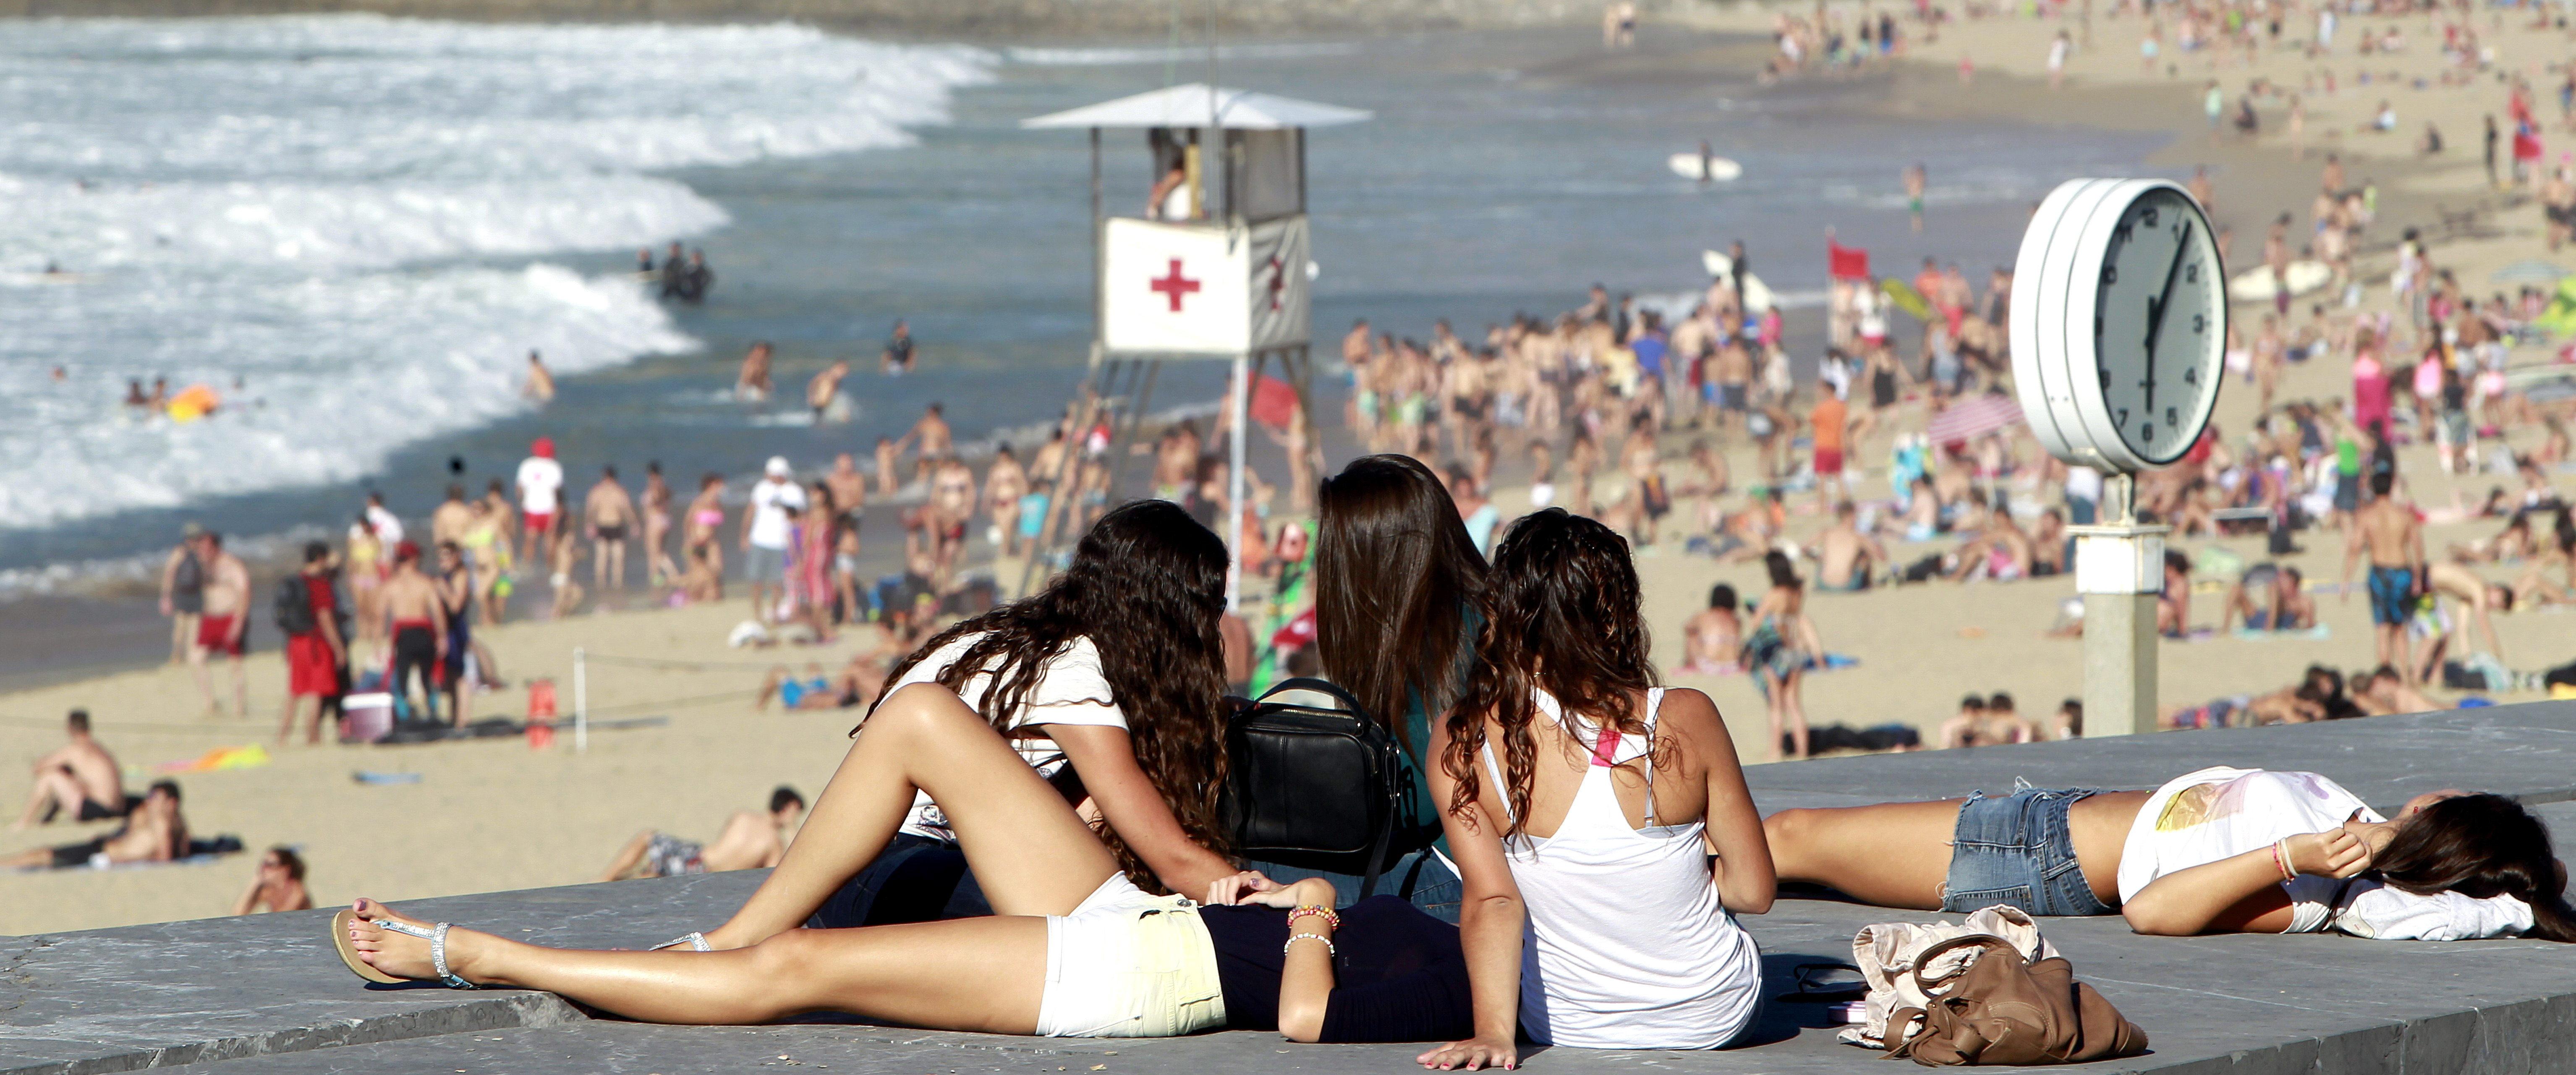 Baleares, Cataluña y Canarias lideraron la ocupación hotelera en agosto